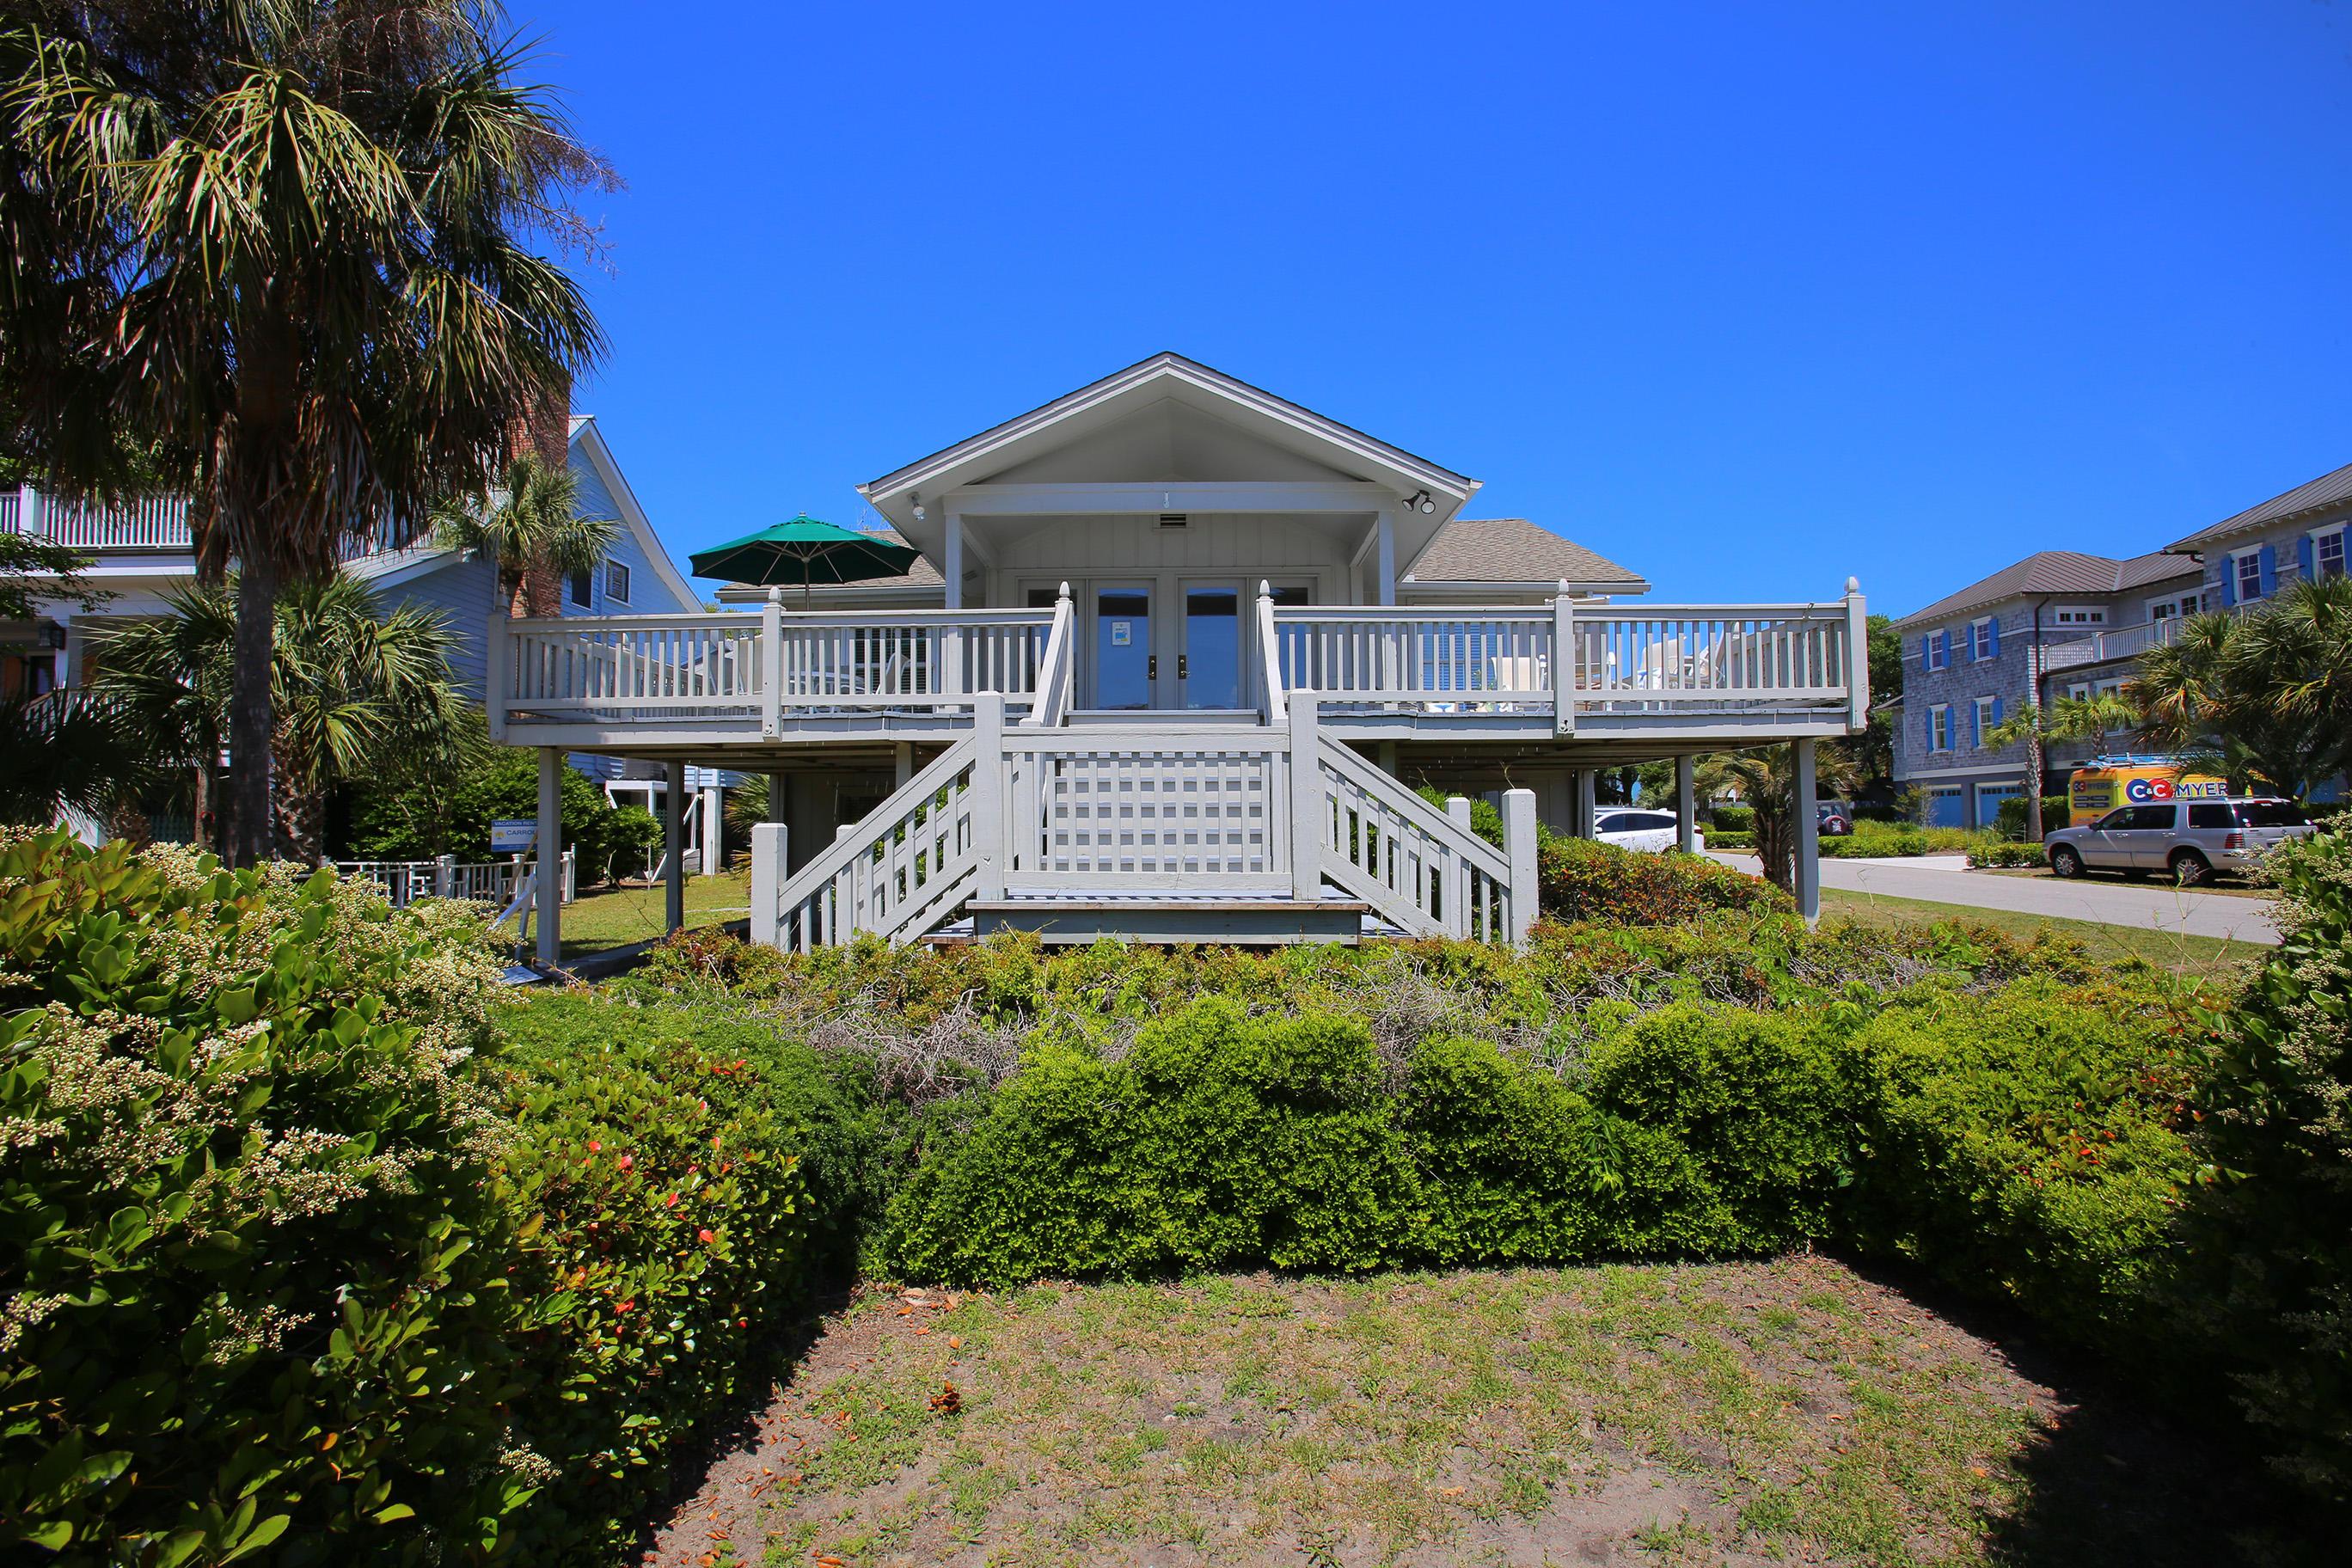 717 Ocean Boulevard, Isle of Palms, 29451, 5 Bedrooms Bedrooms, ,4 BathroomsBathrooms,For Sale,Ocean,21011586